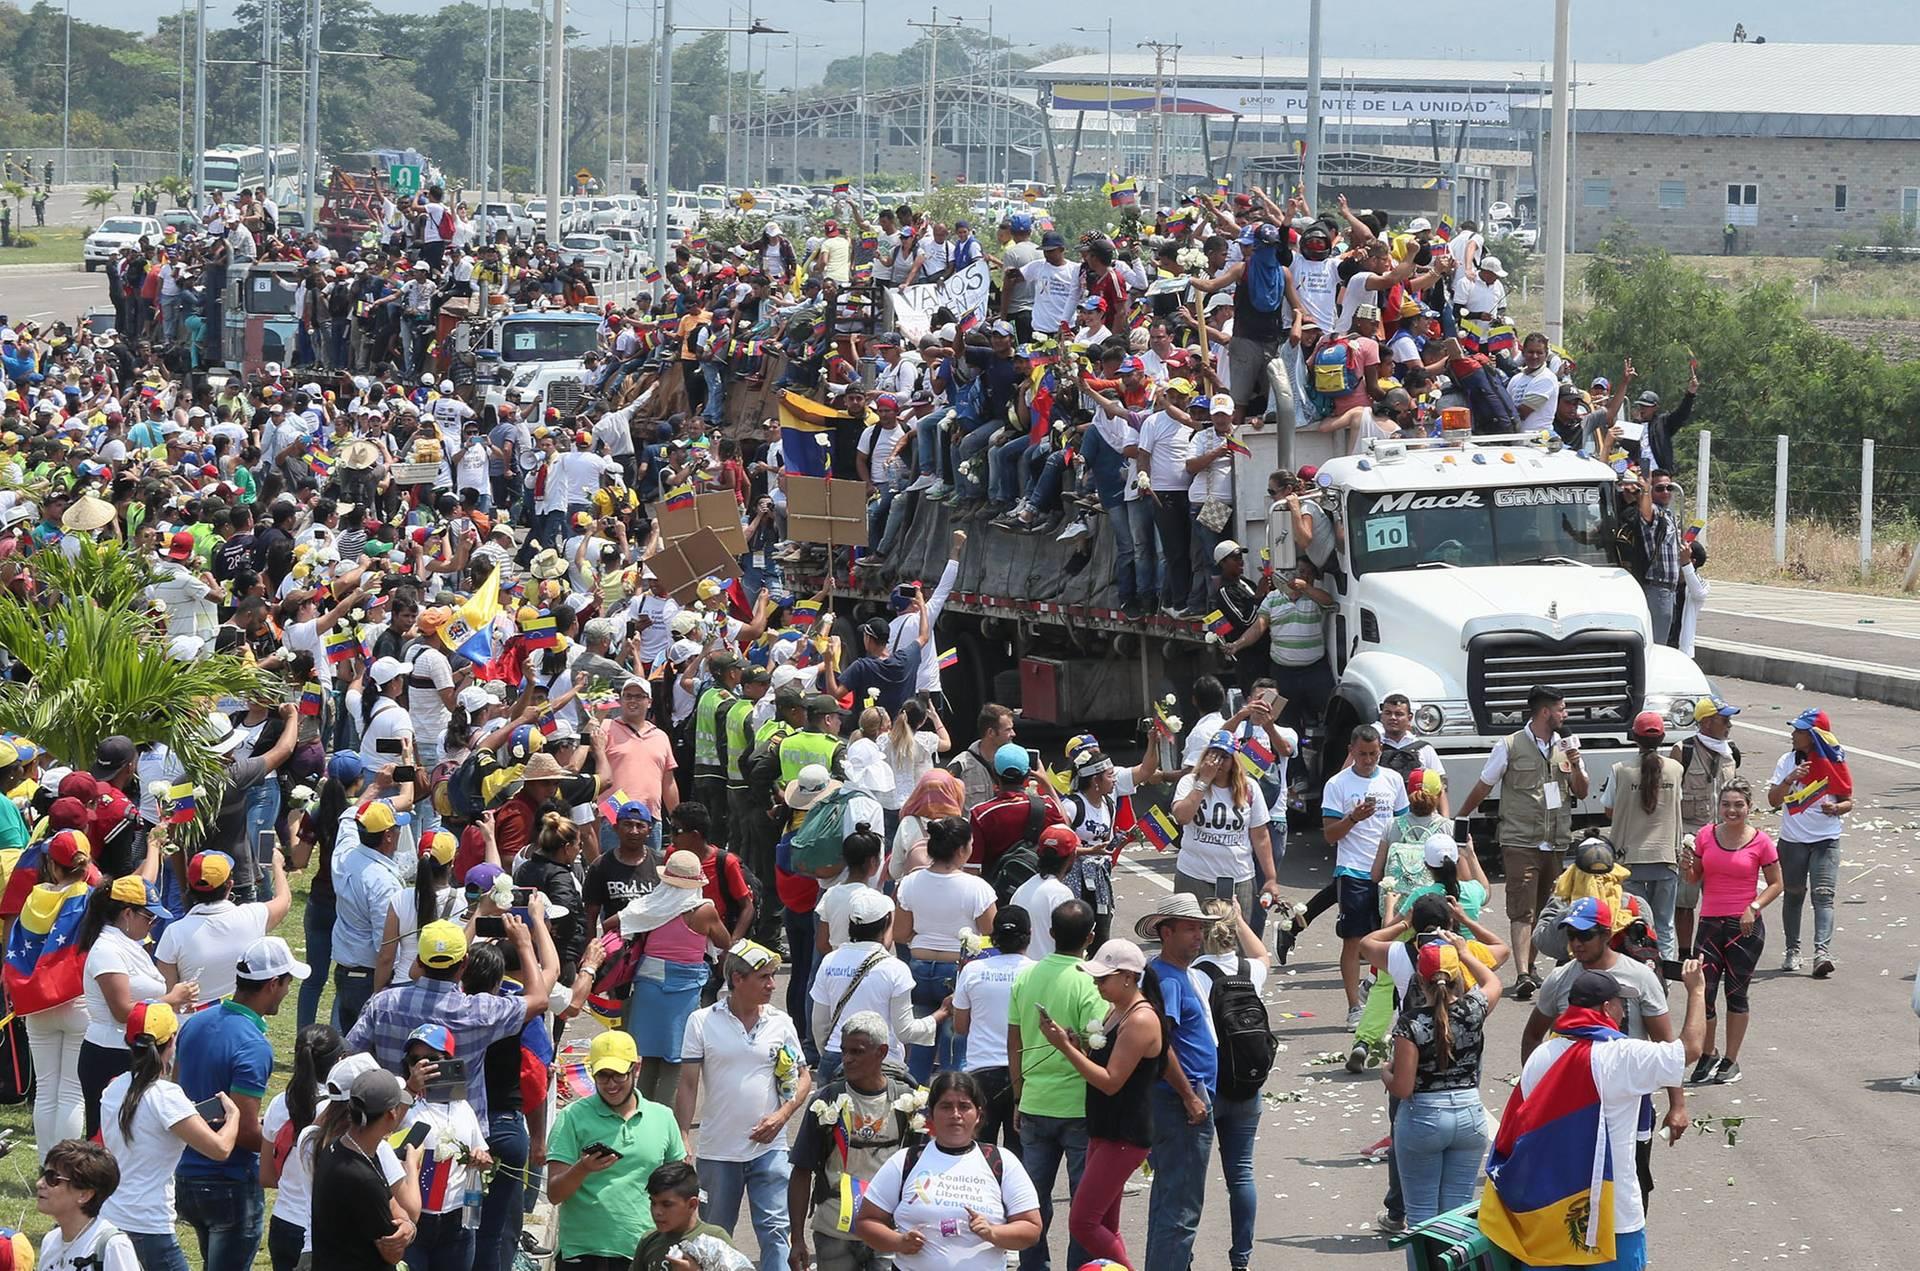 Активісти венесуельської оппозиції їдуть у вантажних автомобілях неподалік Кукути, Колумбія, 23 лютого 2019 року. Сотні венесуельців зібралися на колумбійській стороні біля моста Симона Болівара, що з'єднує Кукуту із містом Сан-Антоніо у венесуельському штаті Тачира, щоб сформувати живий коридор, який дозволить провезти гуманітарну допомогу у Венесуелу, Колумбія, 23 лютого 2019 року